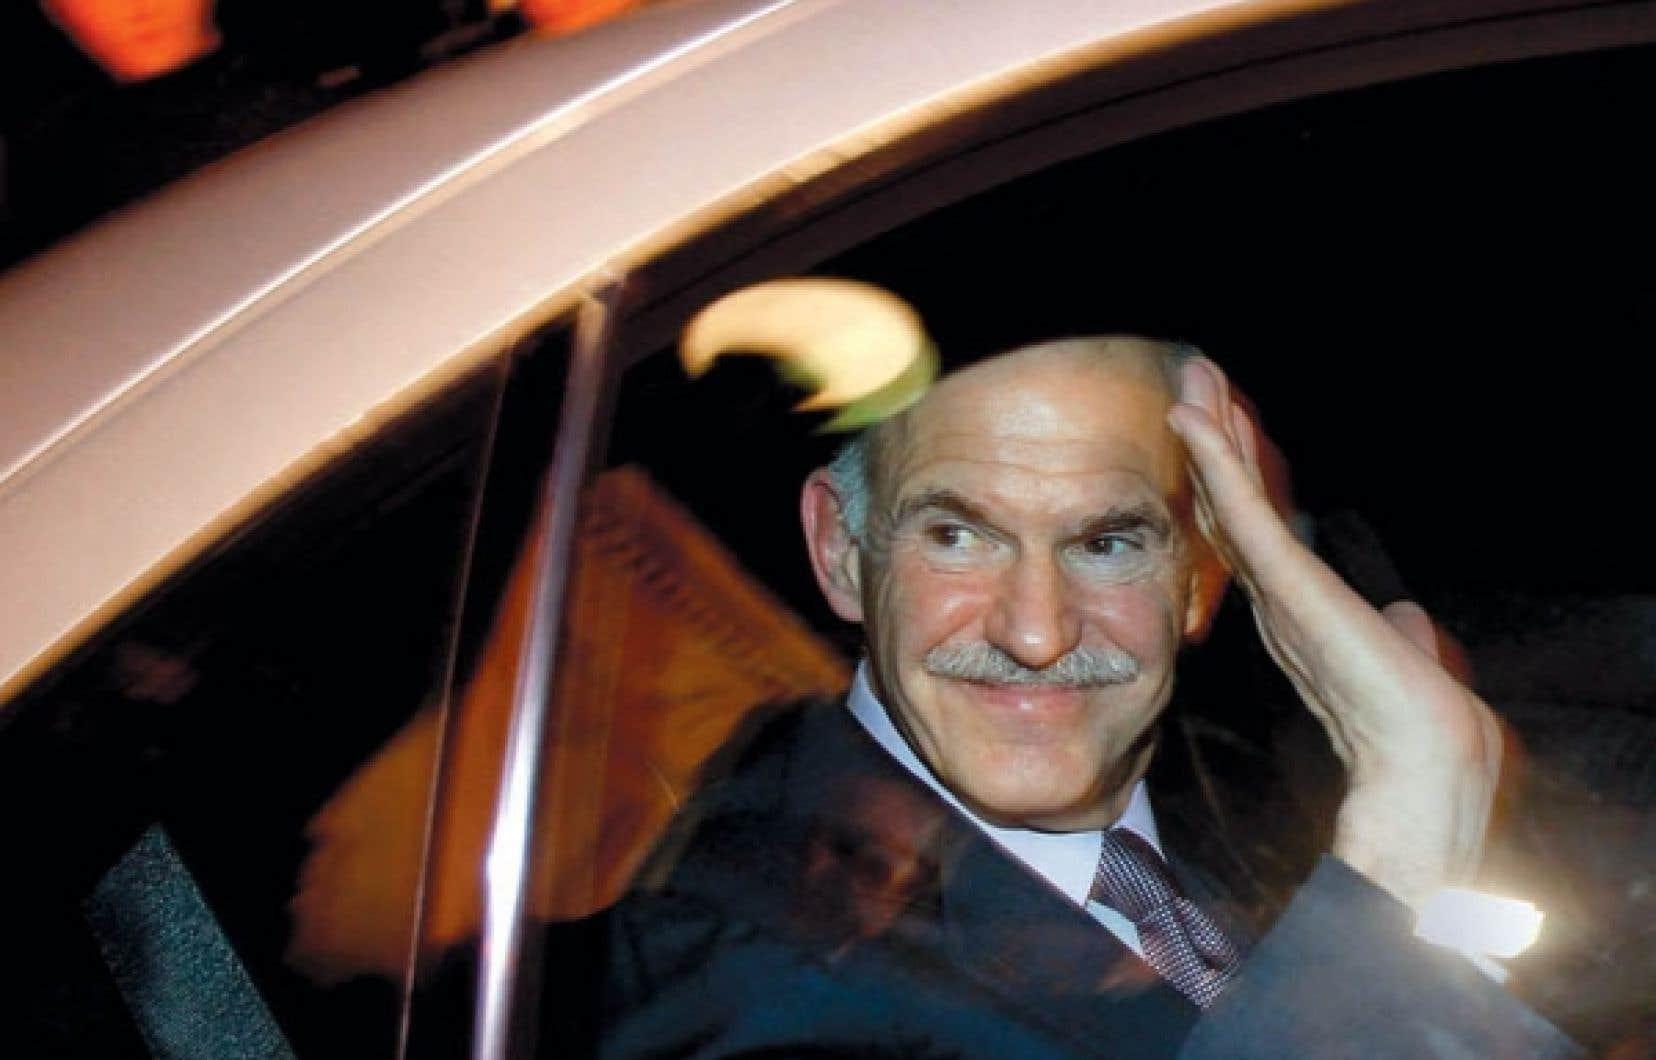 Le premier ministre grec, George Papandréou, faisant un signe de la main à bord de sa voiture en quittant le palais présidentiel, à Athènes, hier, après avoir négocié avec l'opposition la formation d'un gouvernement de coalition, qu'il ne dirigera pas et qui aura pour tâche de sortir le pays d'une grave crise. <br />